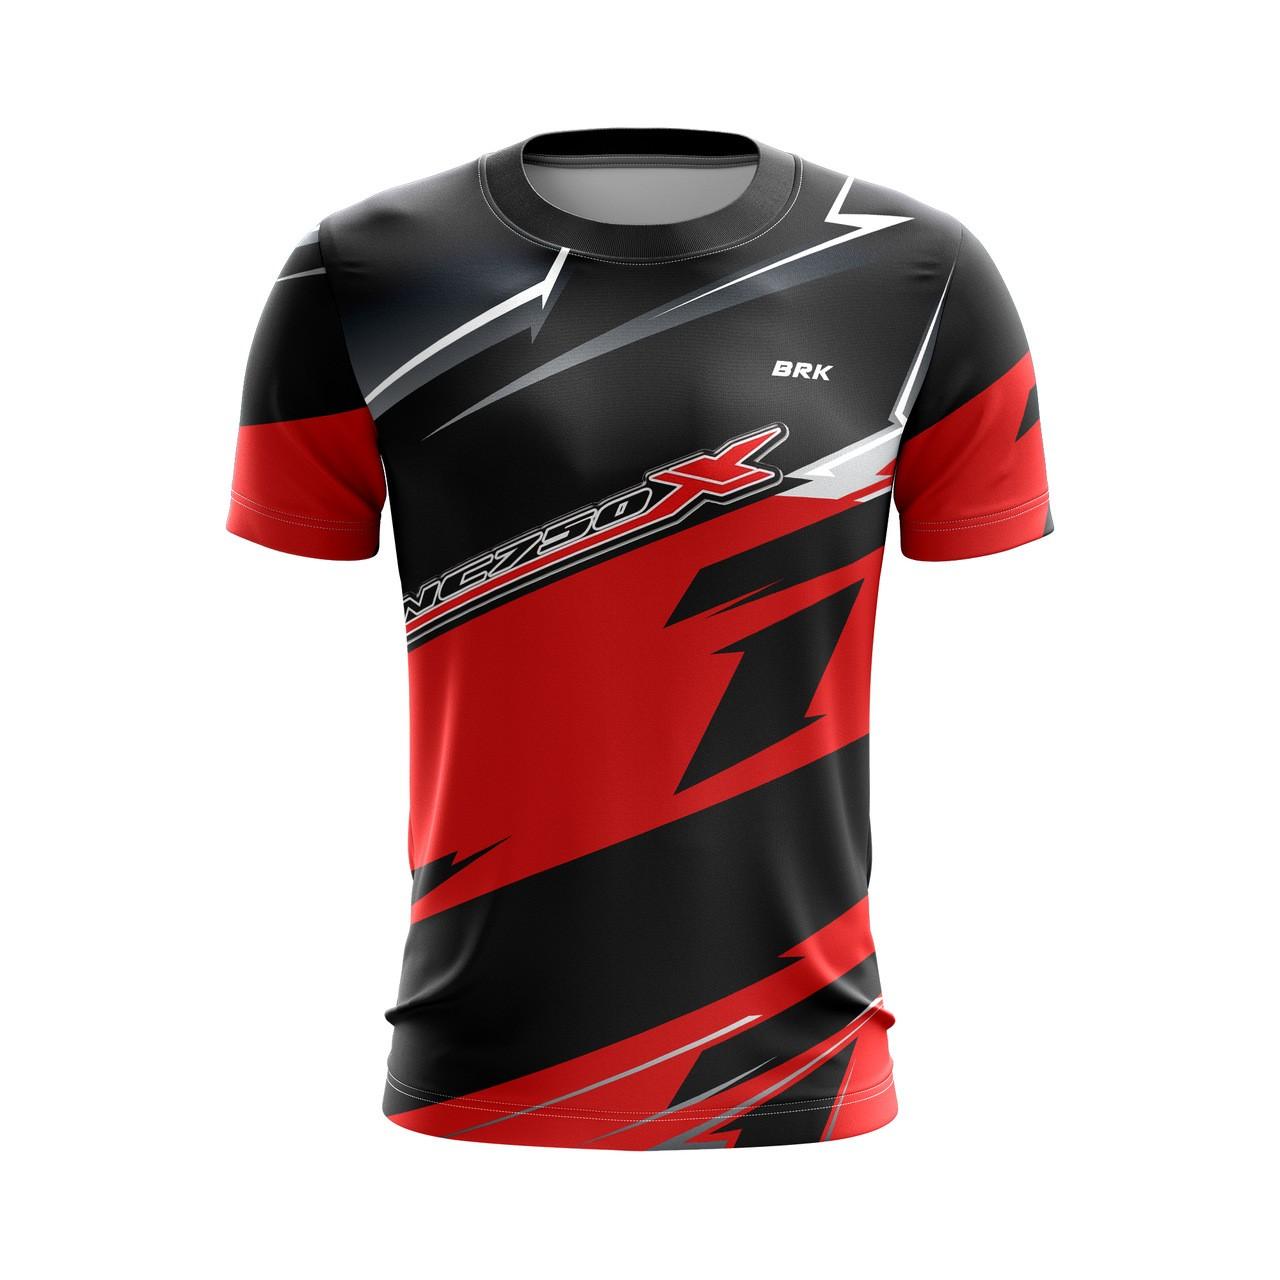 Camiseta Casual Brk Motociclismo Honda NC750 com FPU 50+